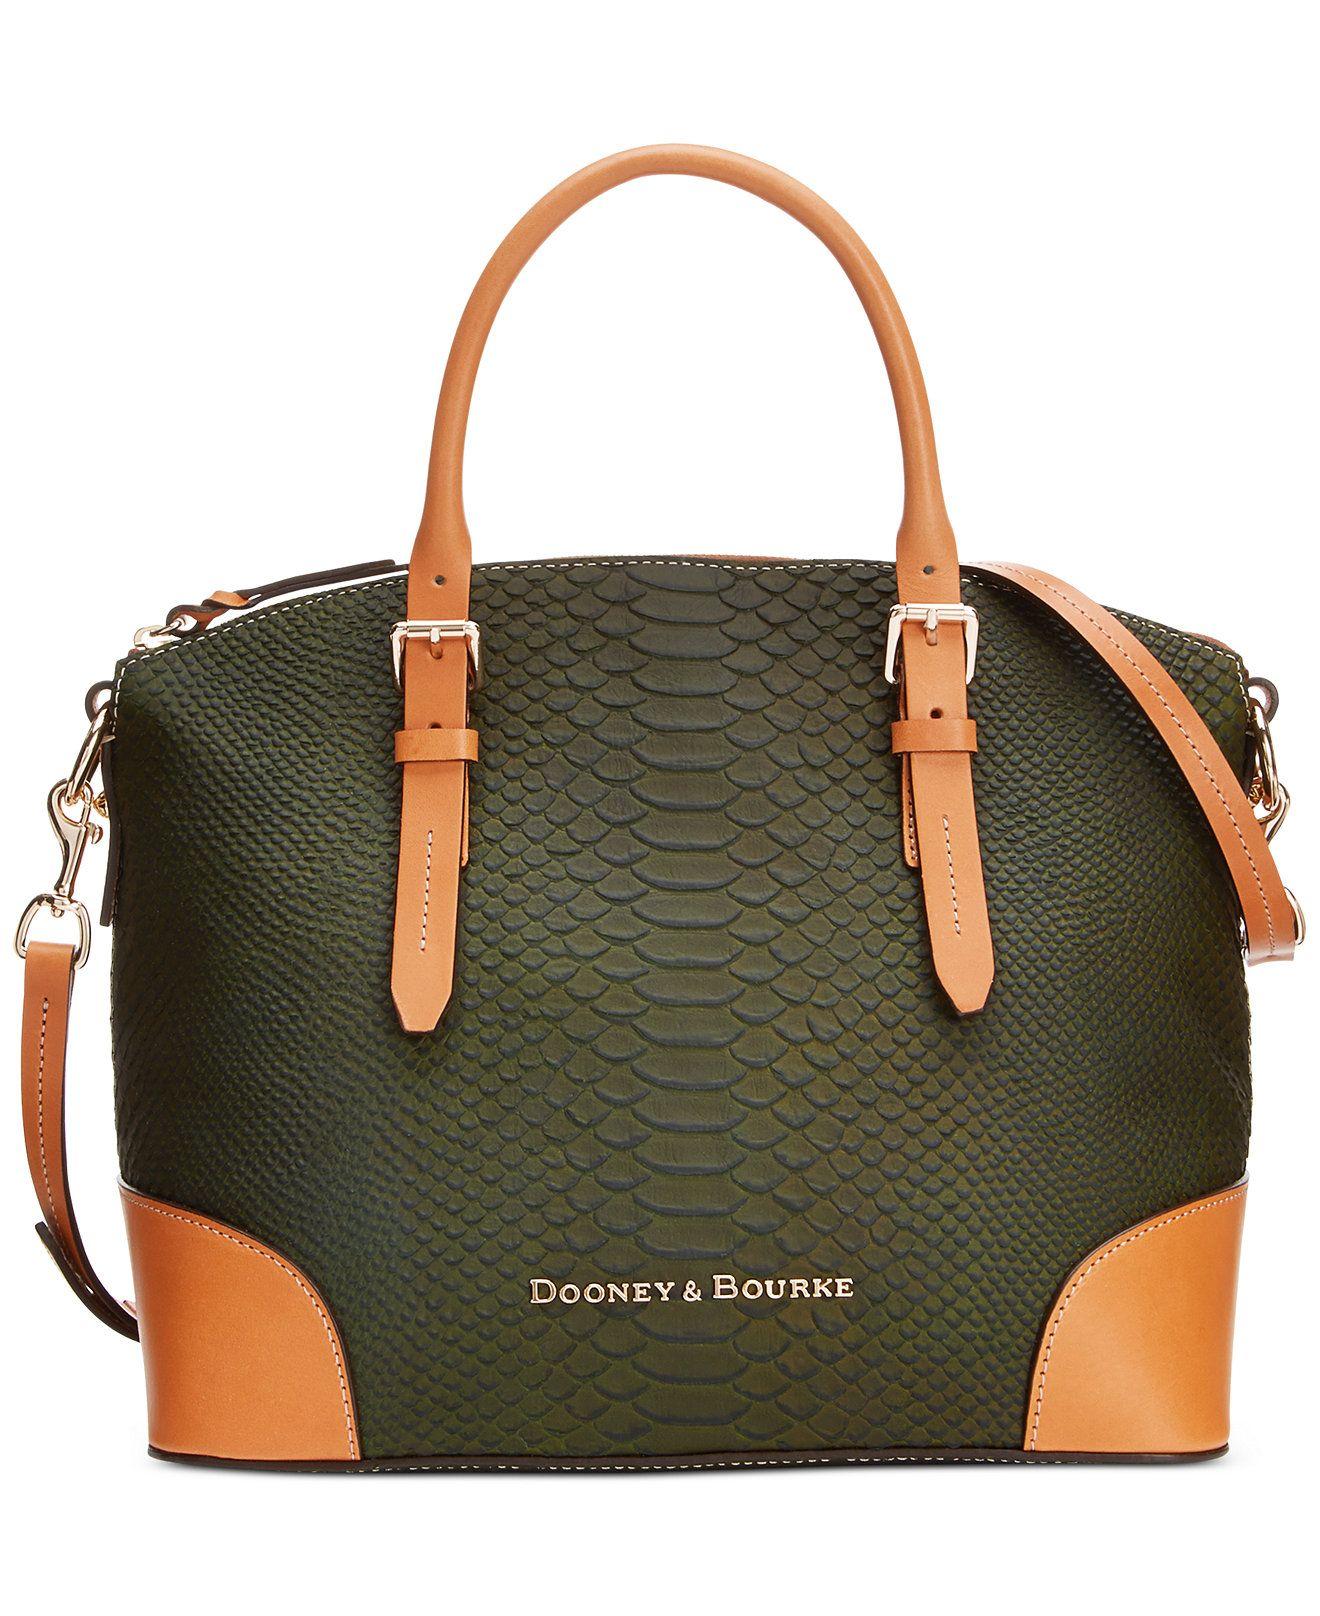 Dooney Bourke Claremont Python Domed Satchel Handbags Accessories Macy S